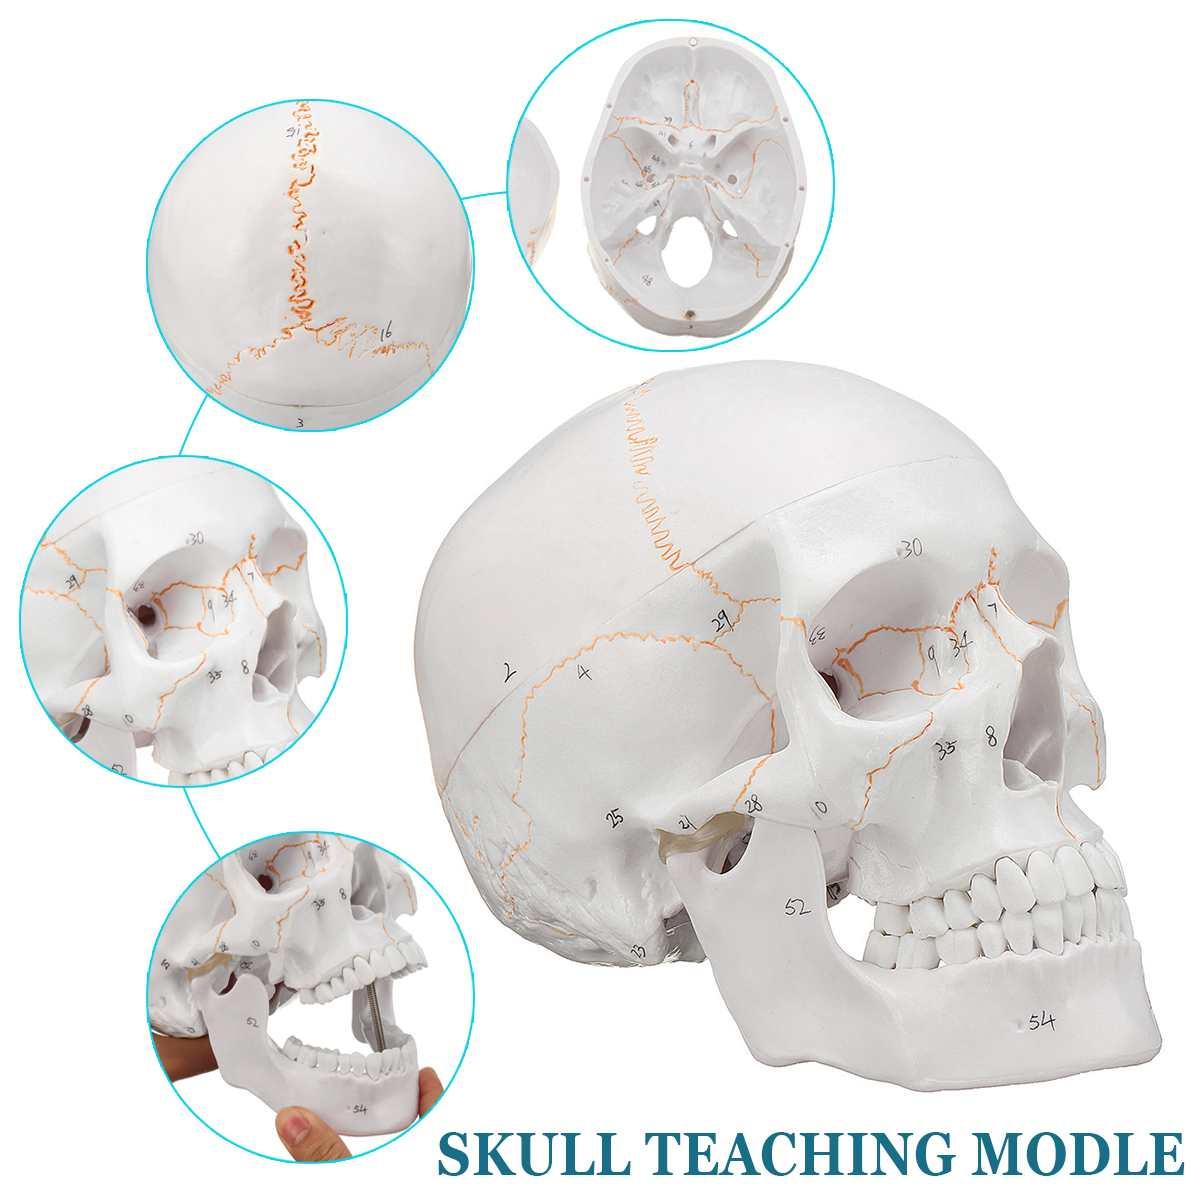 1:1 Skull Model Convenient of Human Skull Model Medicine Skull Human Anatomical Anatomy Head Studying Anatomy Teaching Supplies1:1 Skull Model Convenient of Human Skull Model Medicine Skull Human Anatomical Anatomy Head Studying Anatomy Teaching Supplies